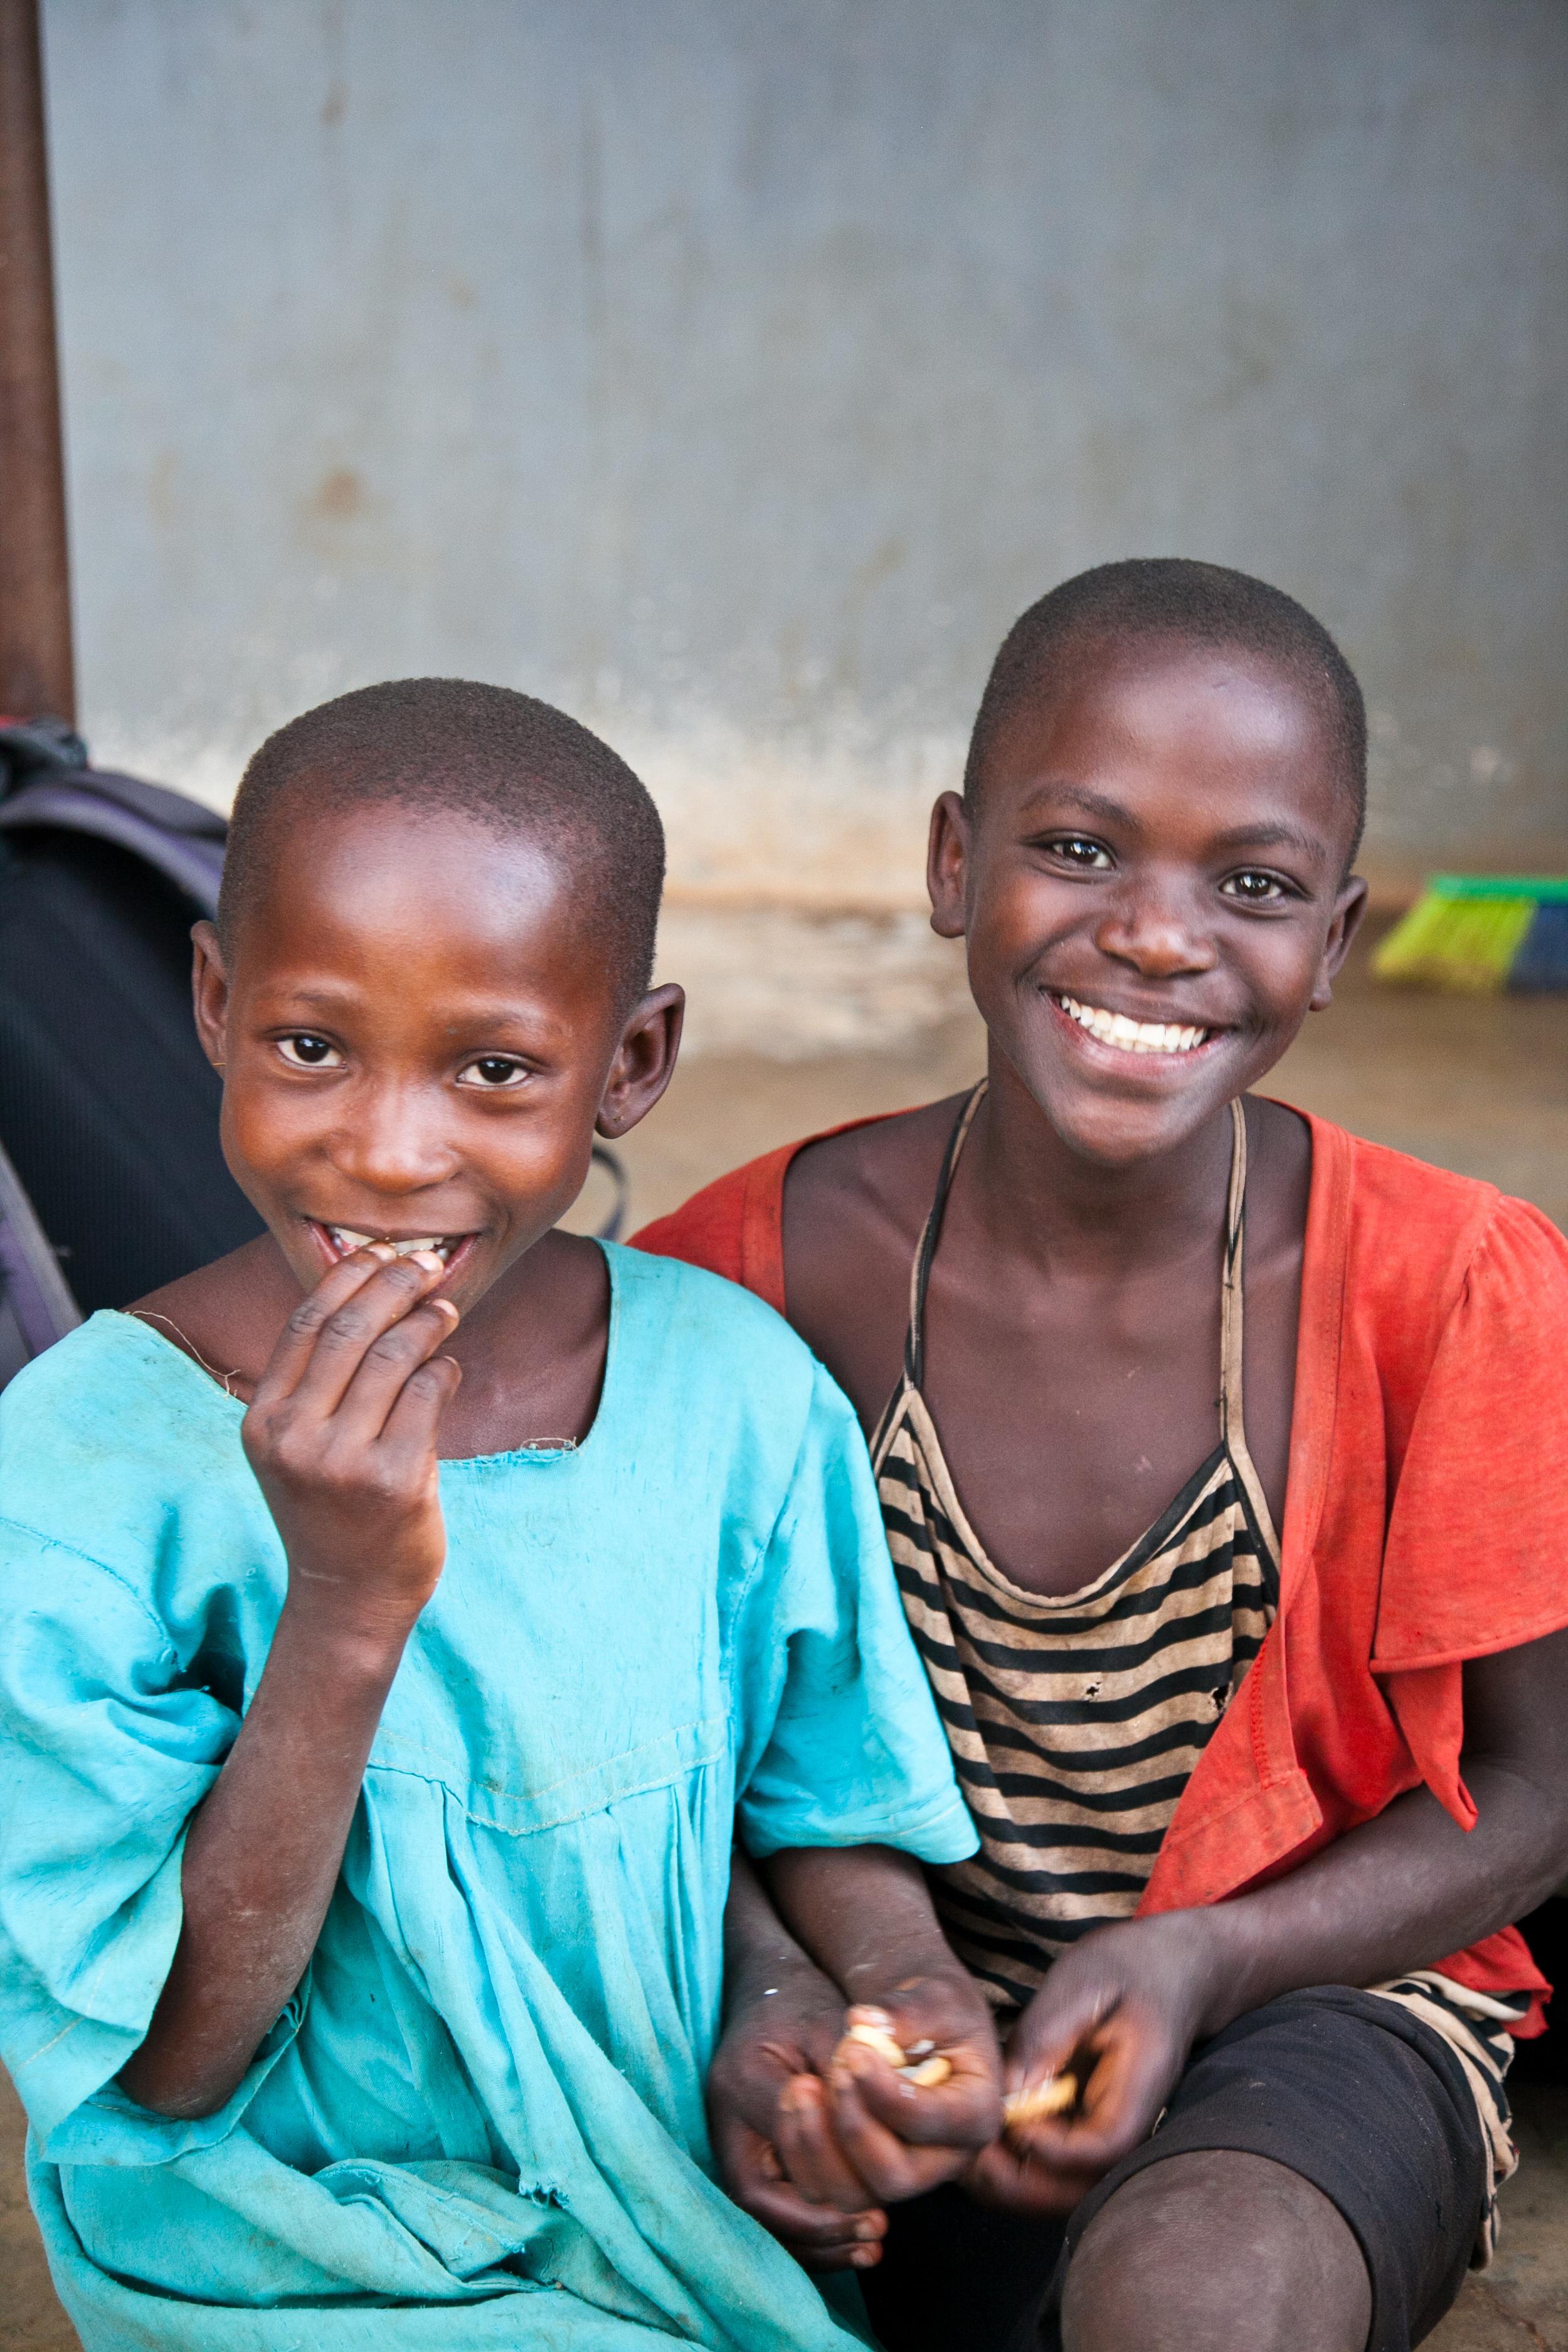 trisa-taro-girls-smile-village-uganda.jpg